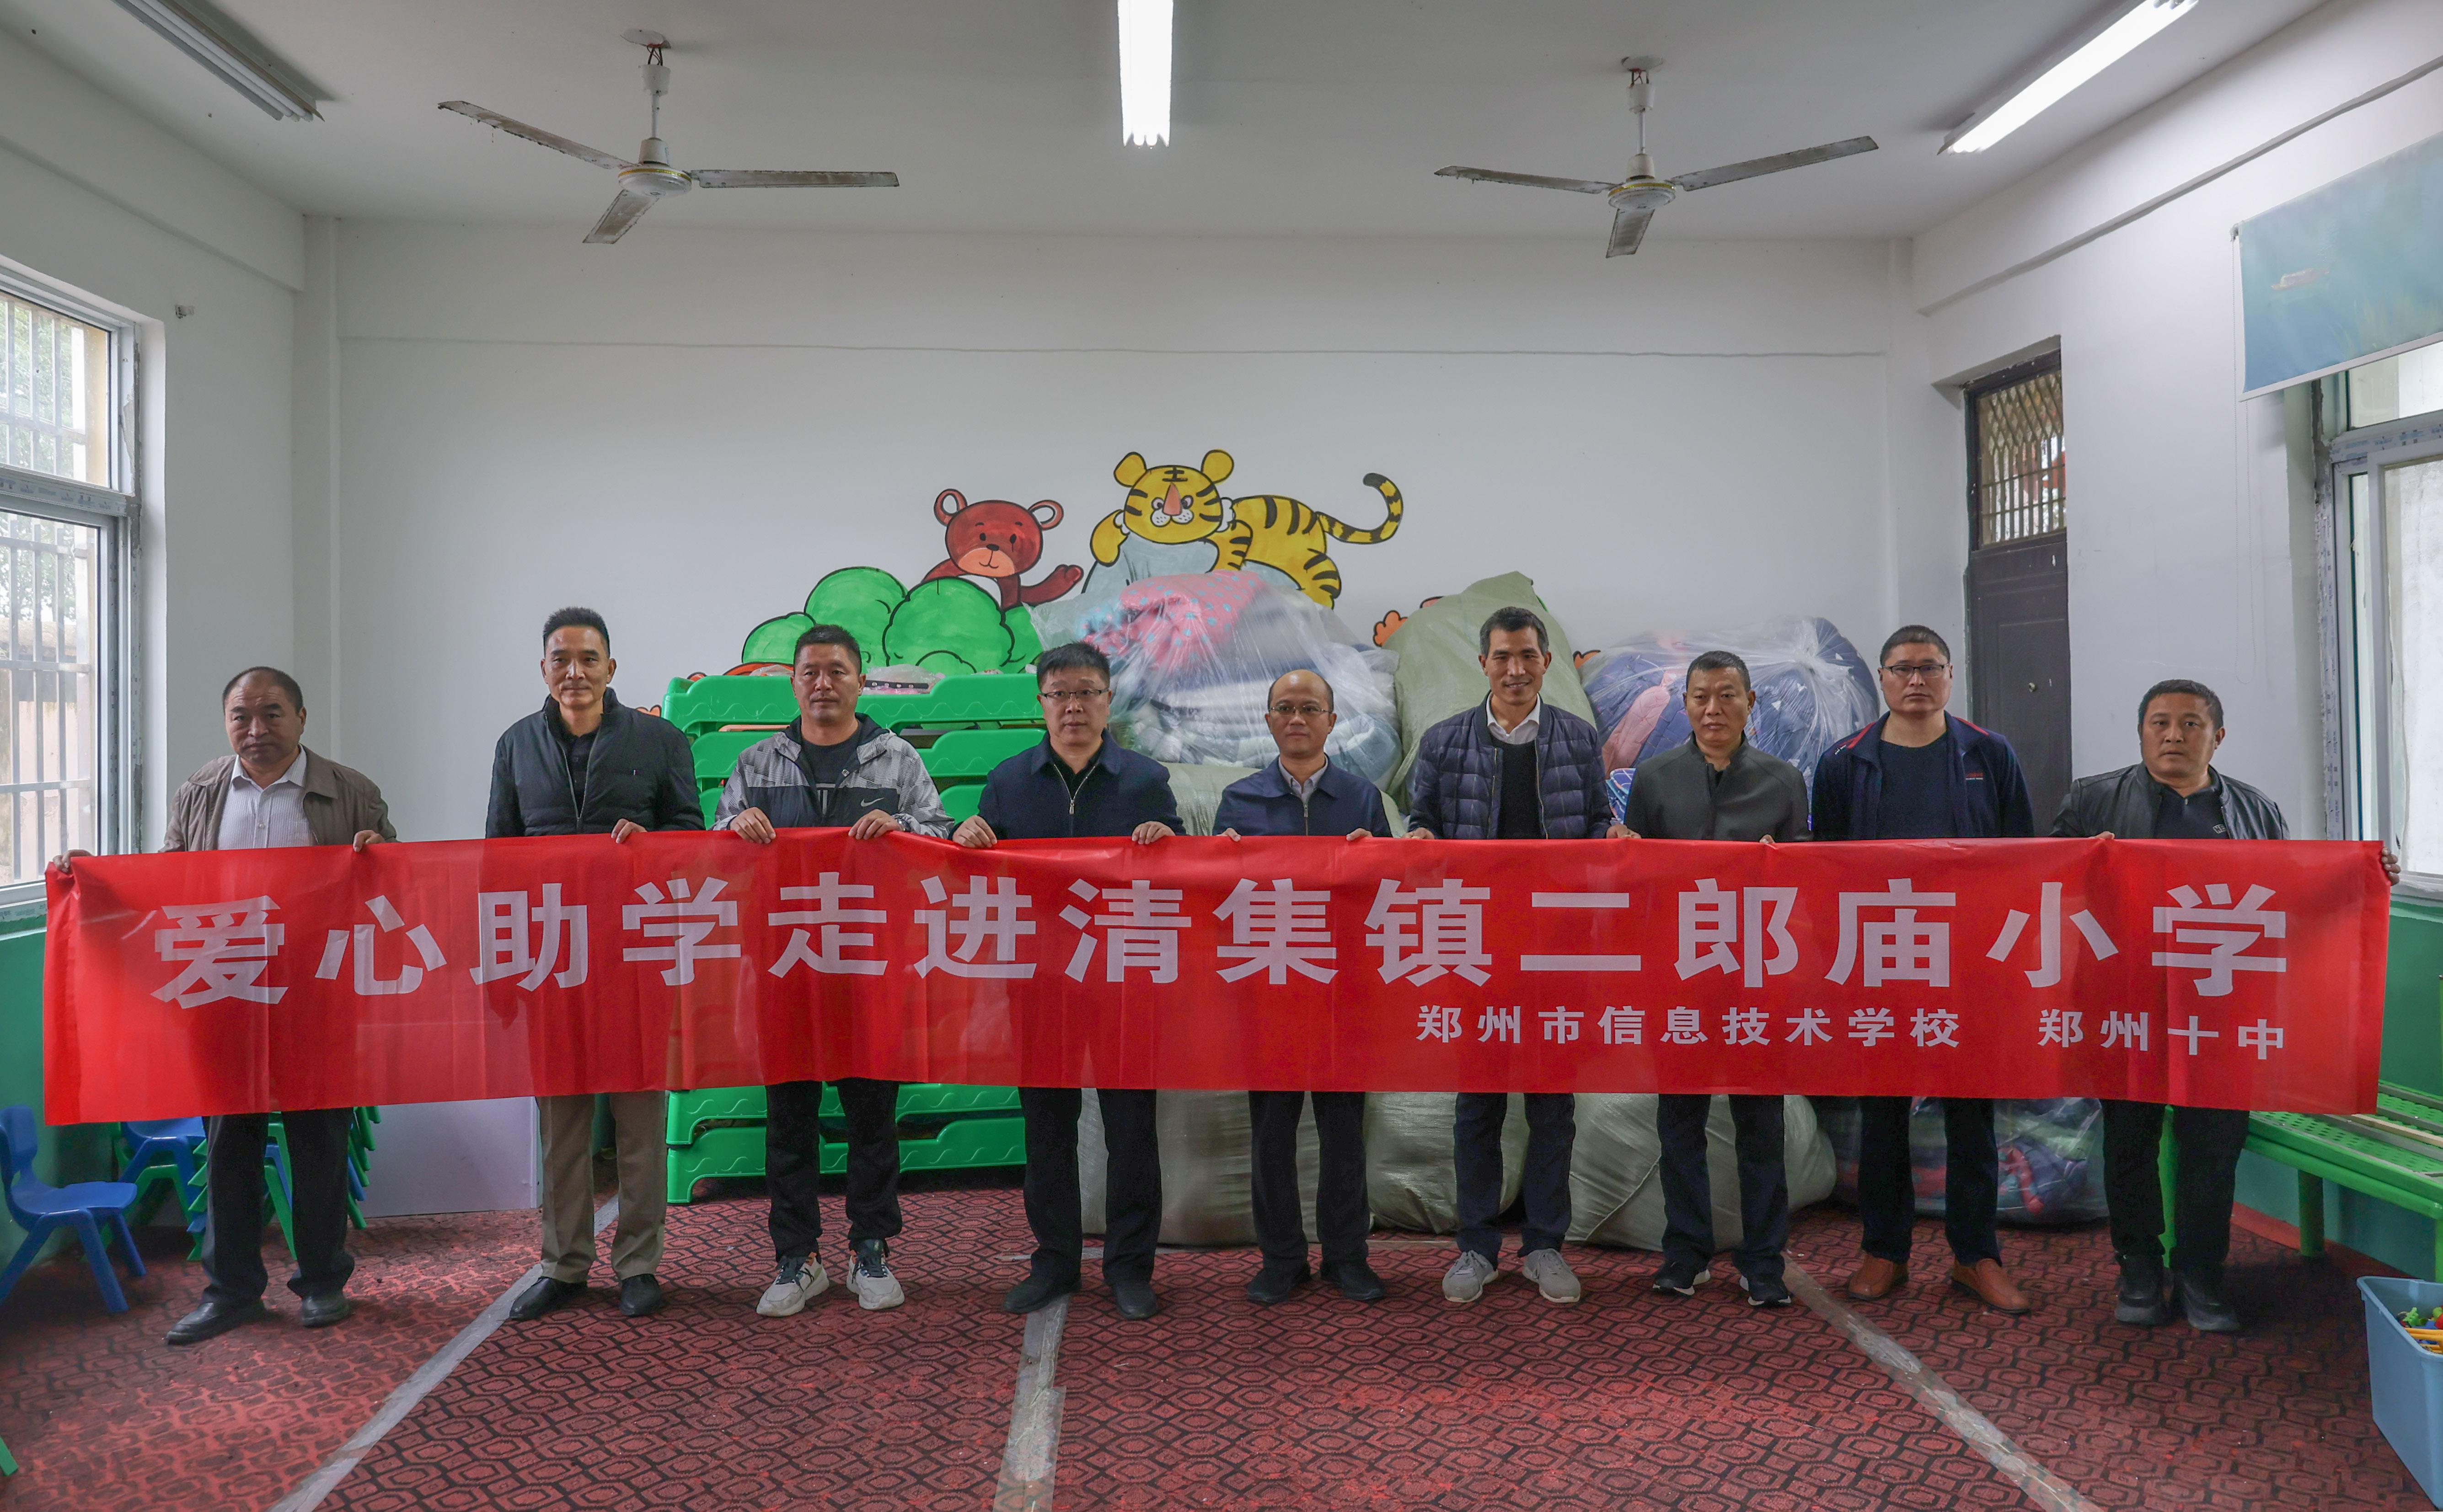 郑州市信息技术学校爱心助教,只为留守儿童的快乐童年